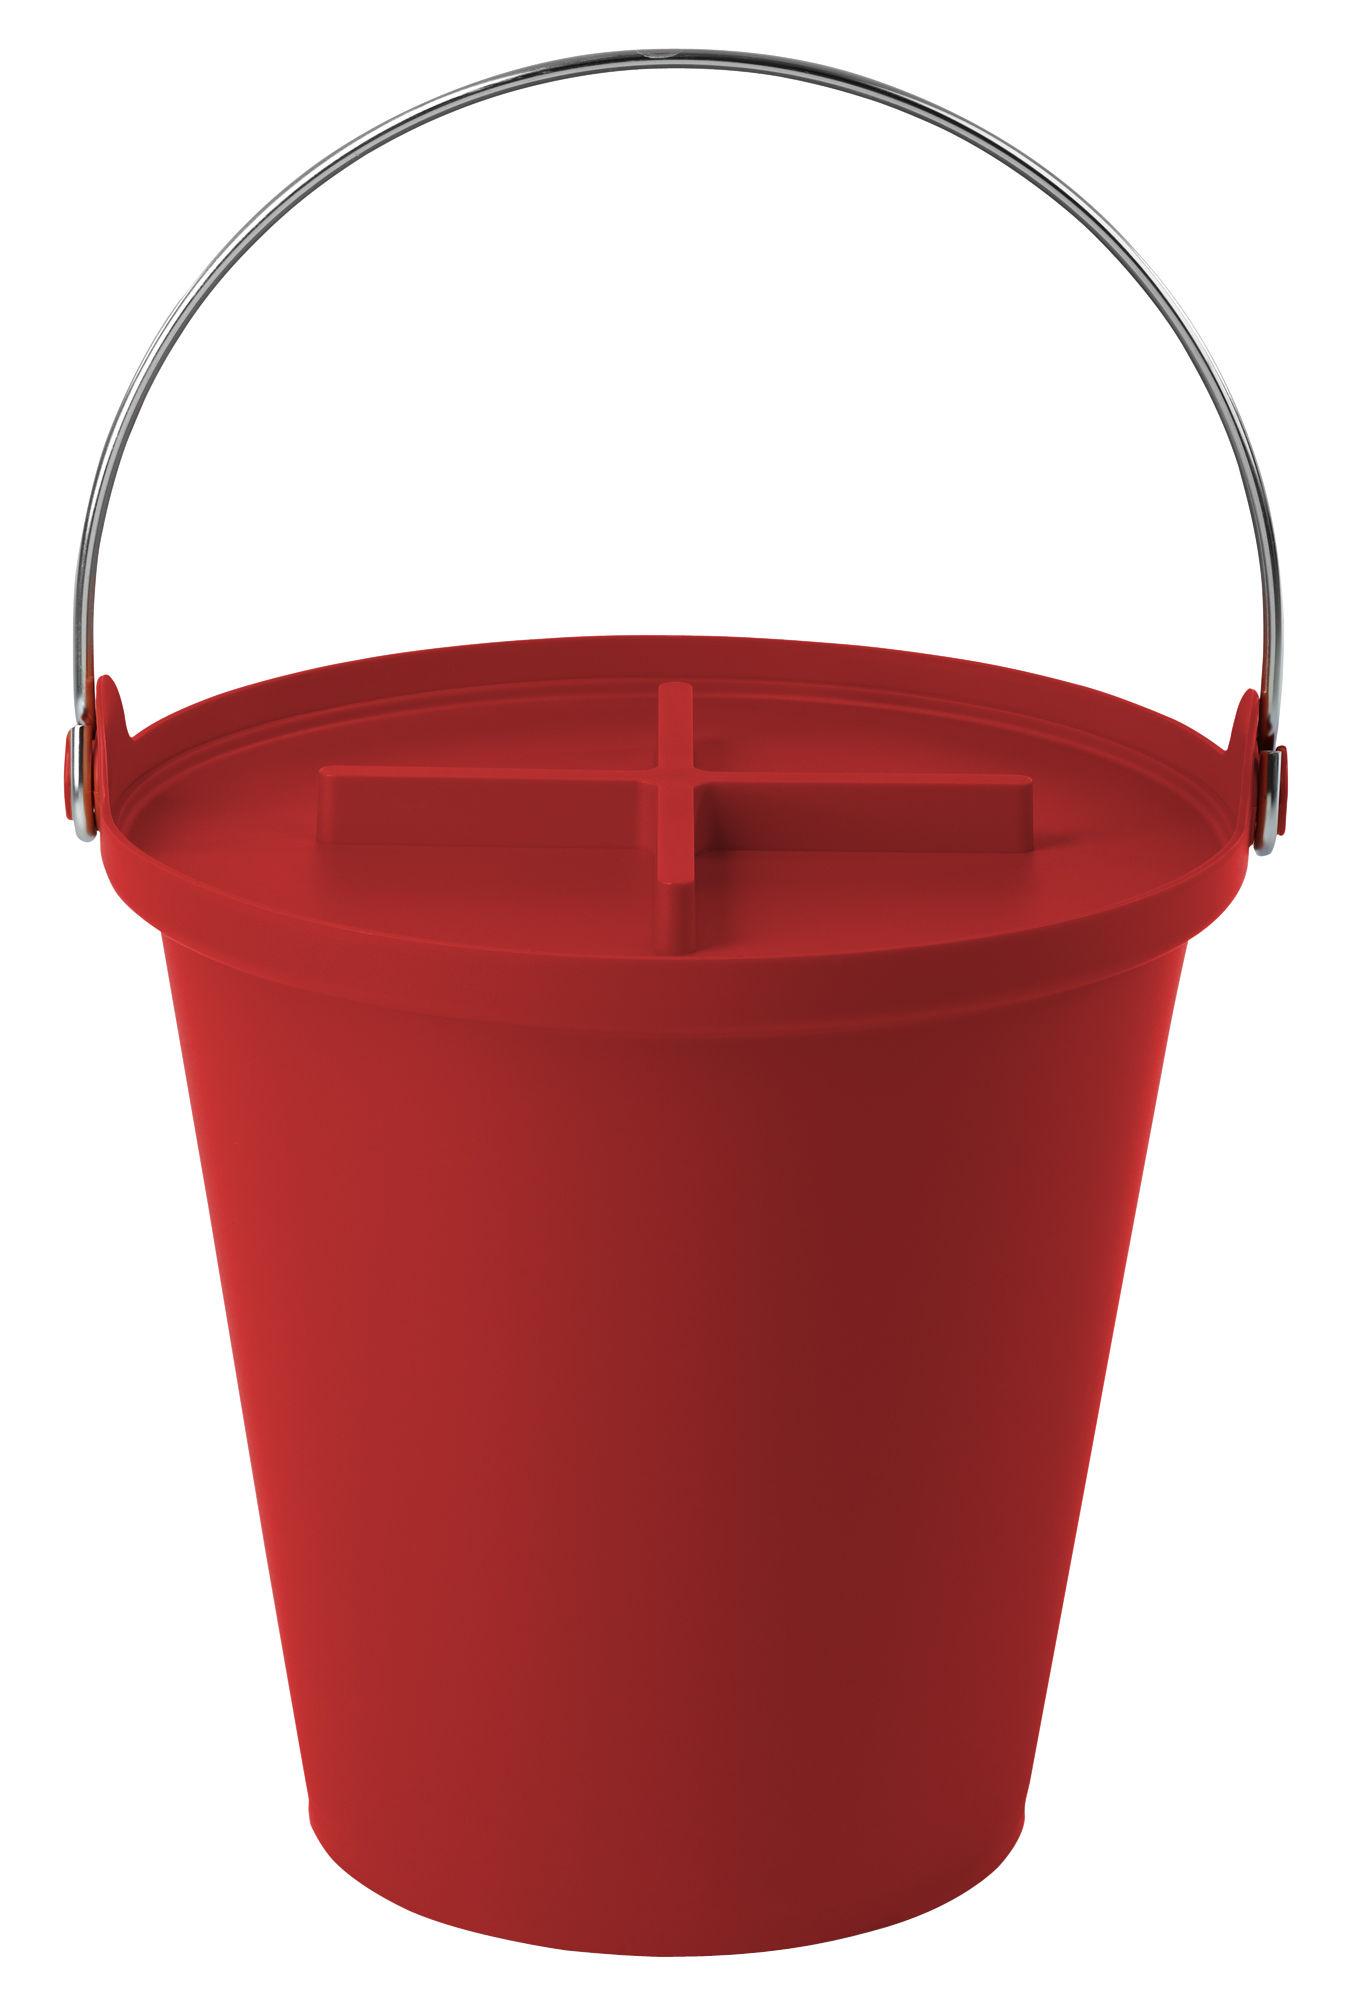 Dekoration - Badezimmer - H2O Mülleimer - Authentics - Rot - Metall, Polypropylen